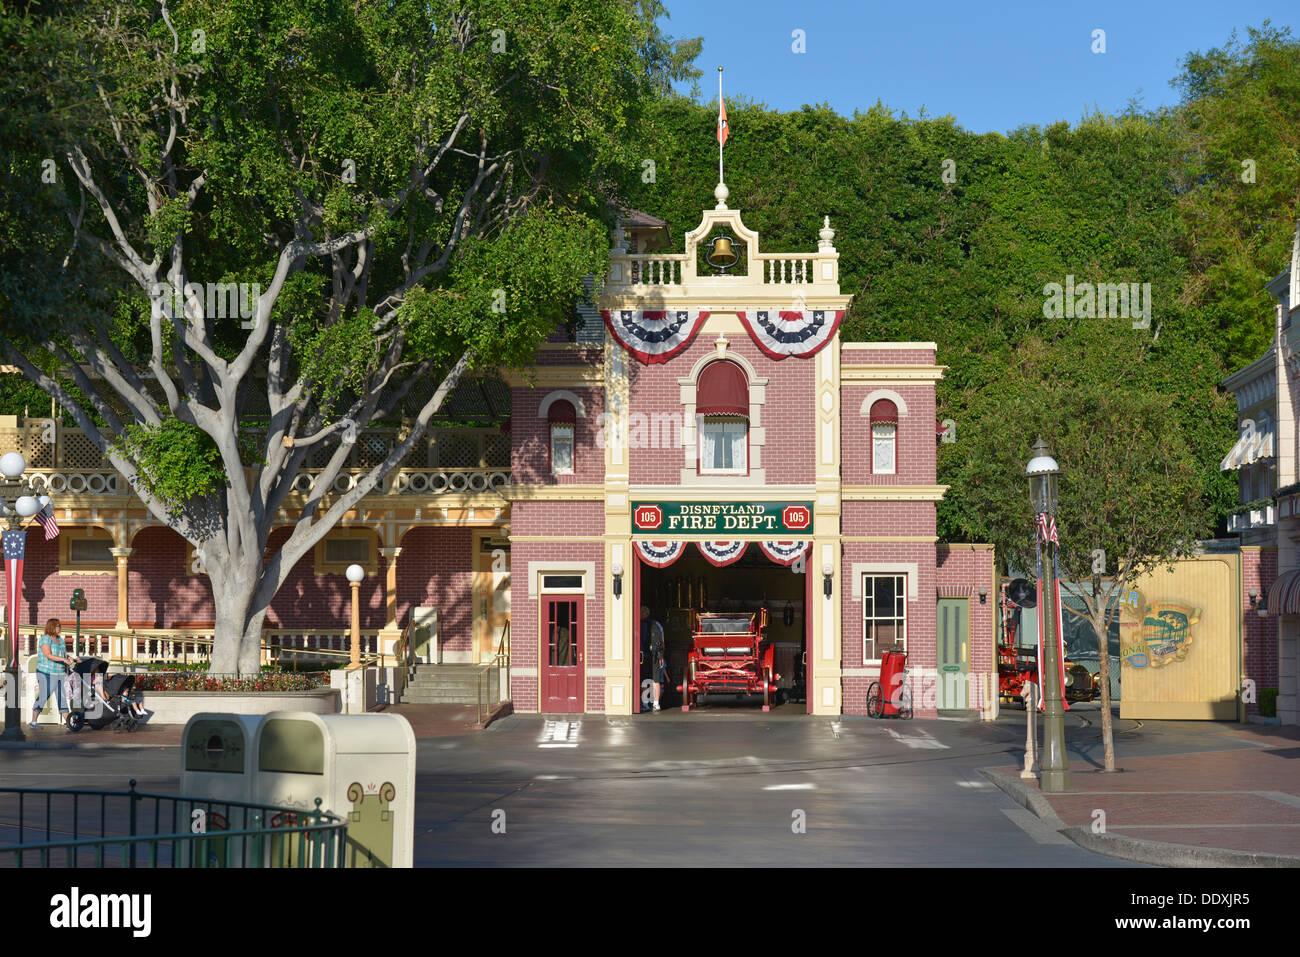 Walt Disney's appartement au-dessus du Théatre, Disneyland Resort sur Main Street, Anaheim, Californie Photo Stock